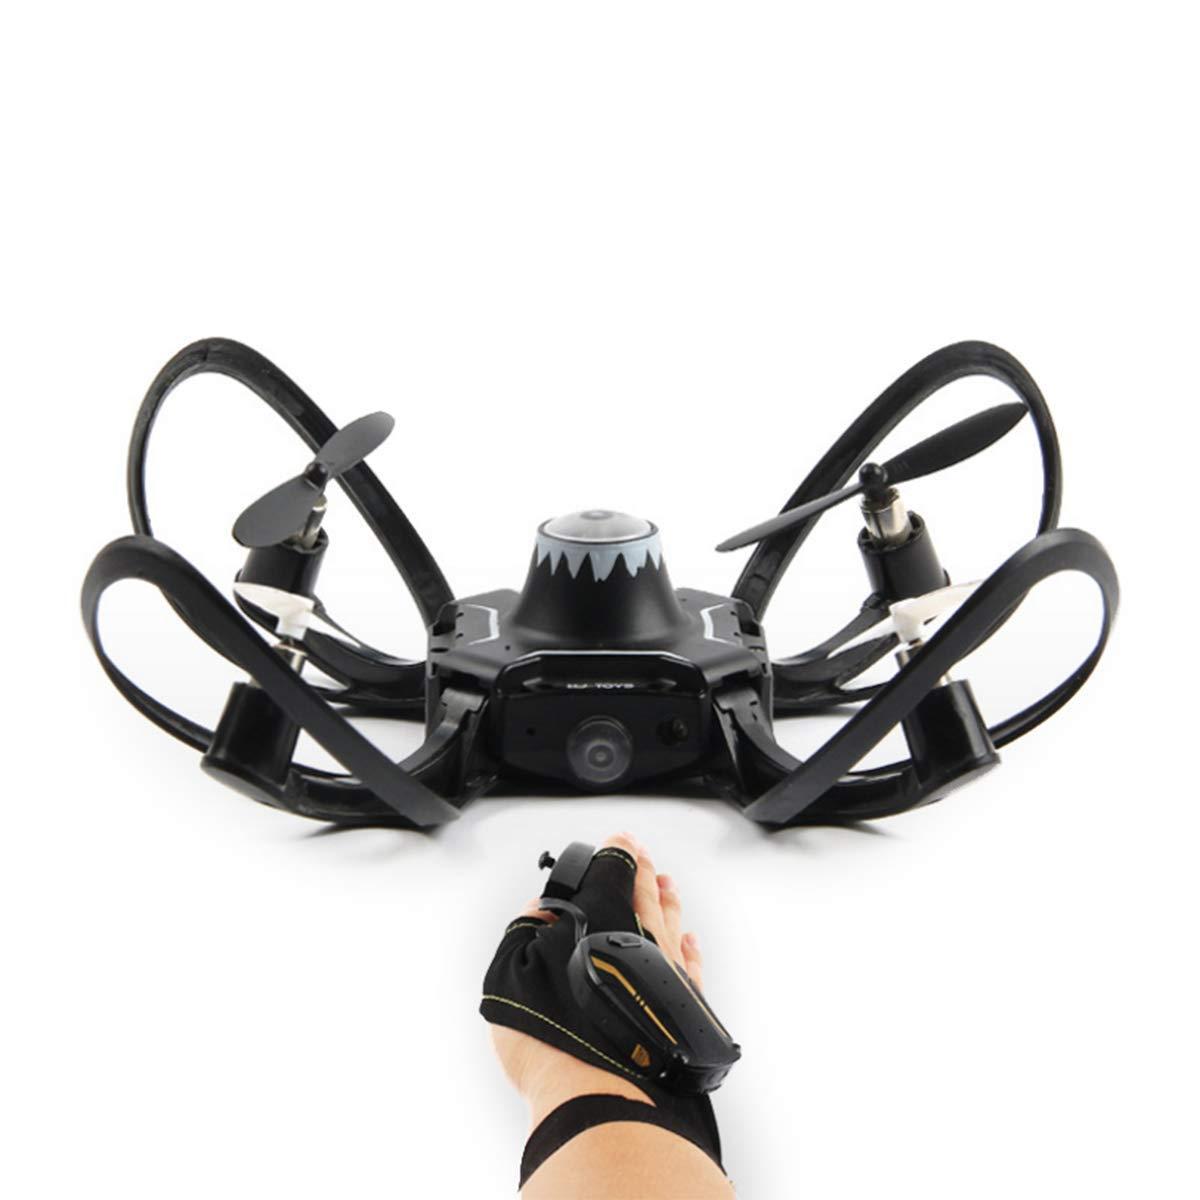 BNMZXNN Drone Controllo gesti, Mini Aereo Pieghevole, quadricottero, Altezza Mantenere l'apprendimento della stabilità di Volo Facile a 2.4 GHz,No Aerial Photography-9  9  9cm